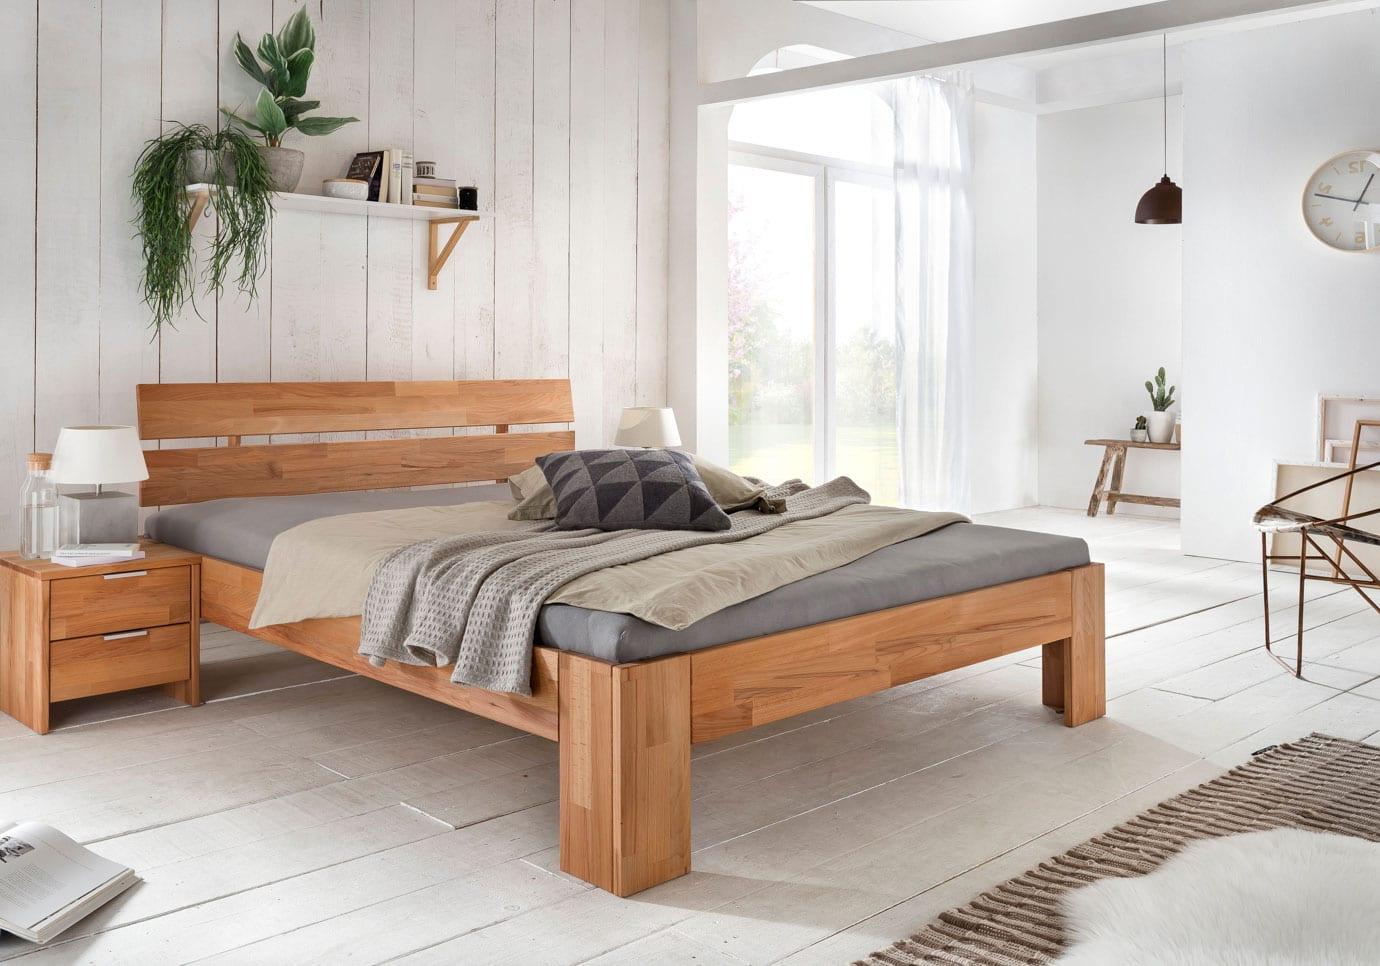 attraktive schlafzimmgestaltung im rustikalen stil mit weißem holzboden, holzwandverkleidung weiß,schlafzimmer-set aus holz, wandregal mit pflanzen und büchern, pendellampe schwarz, fenstertür mit bogenfester und gardine weiß